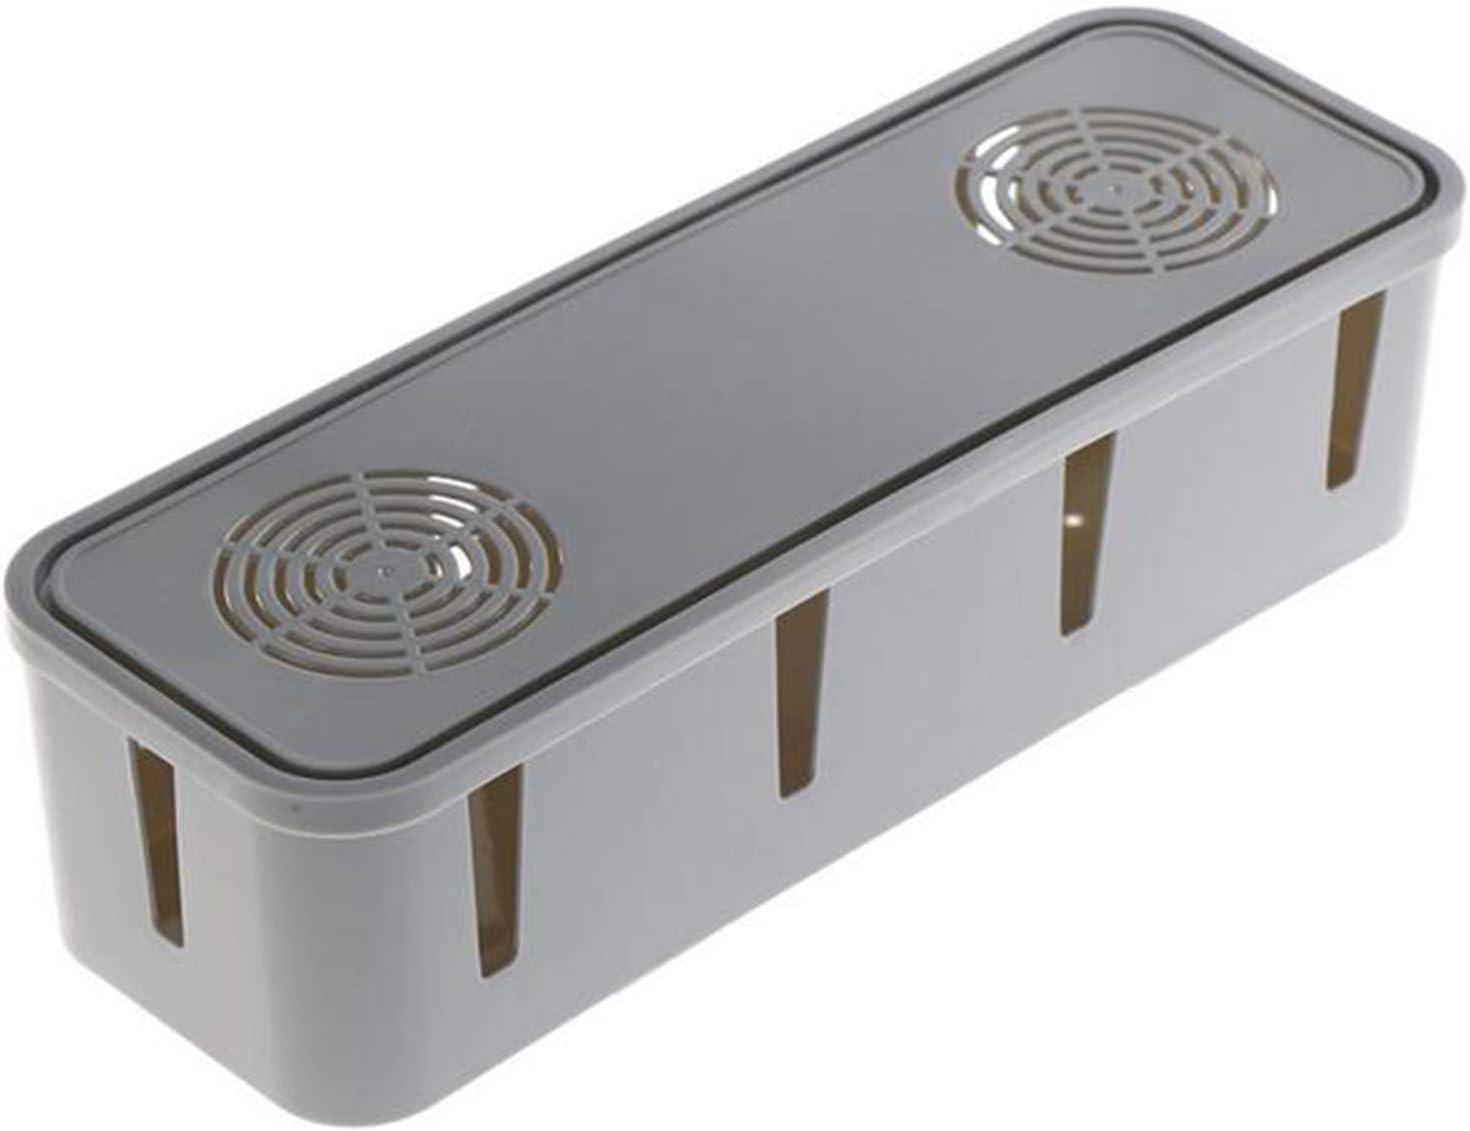 Cajas de Salida eléctrica para la gestión de Cables, para la Toma de Corriente, multicargador, para organizar Cables: Amazon.es: Electrónica